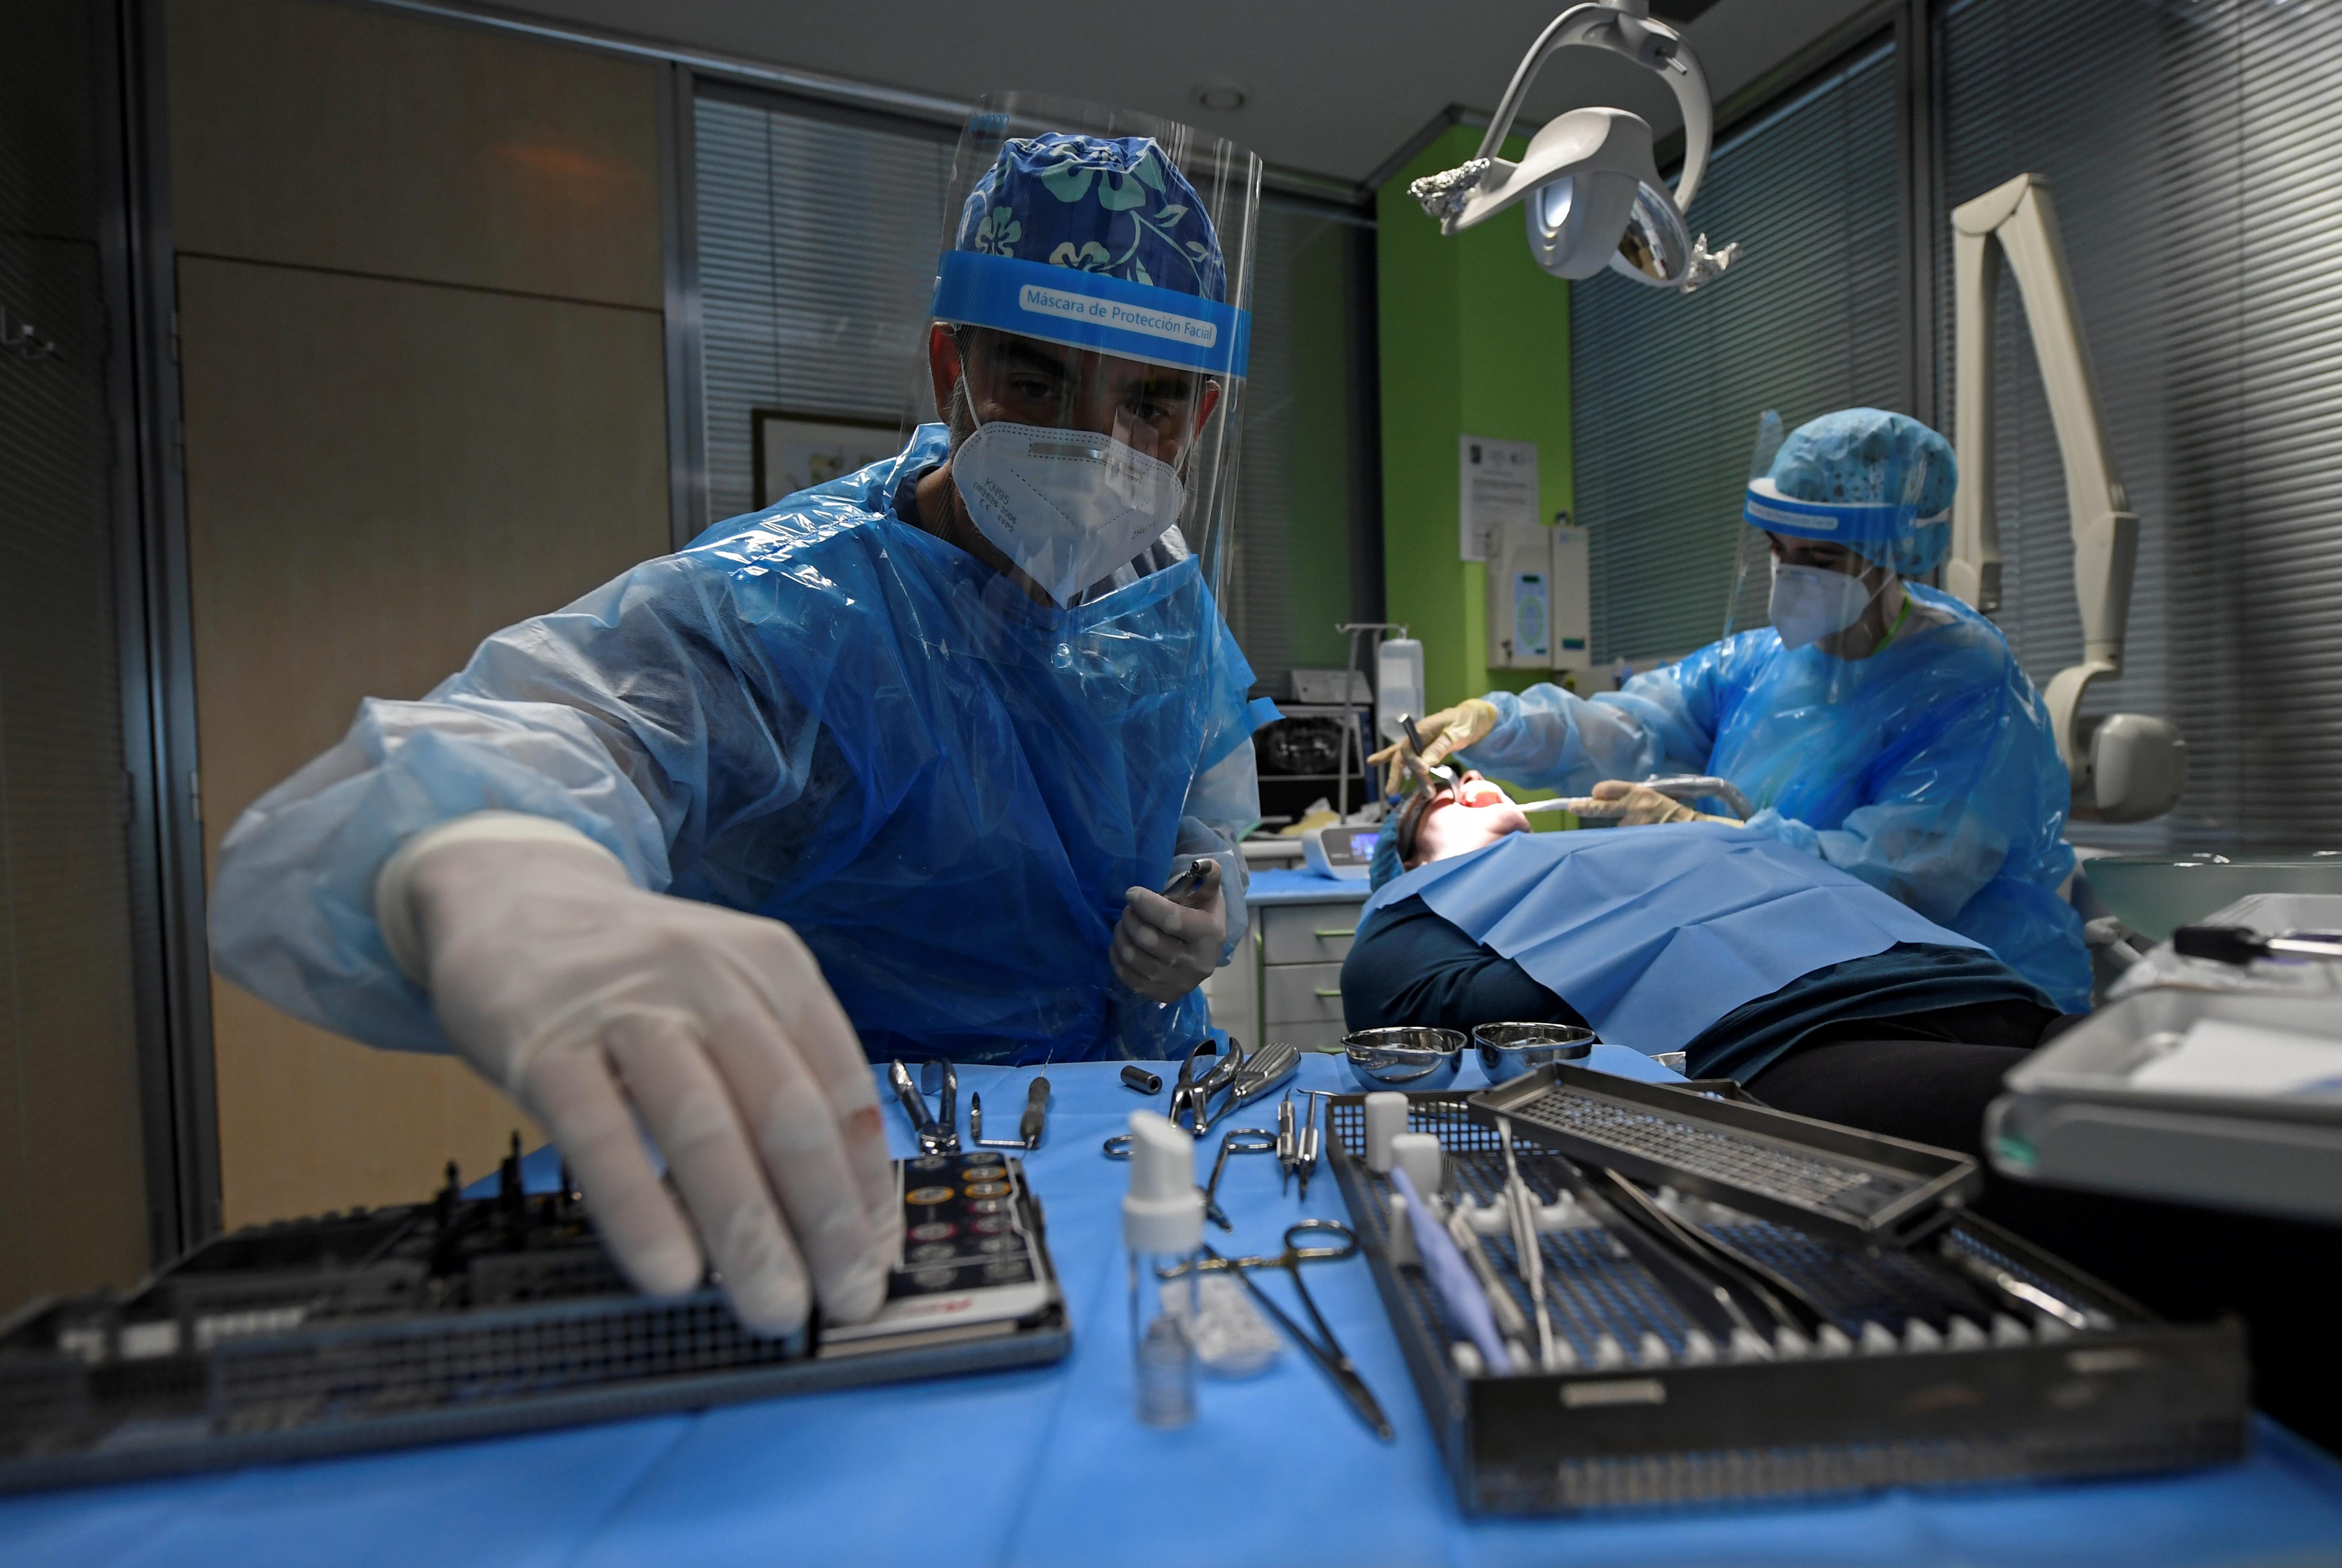 28 millió műtét halasztódhat vagy maradhat el világszerte a járvány miatt